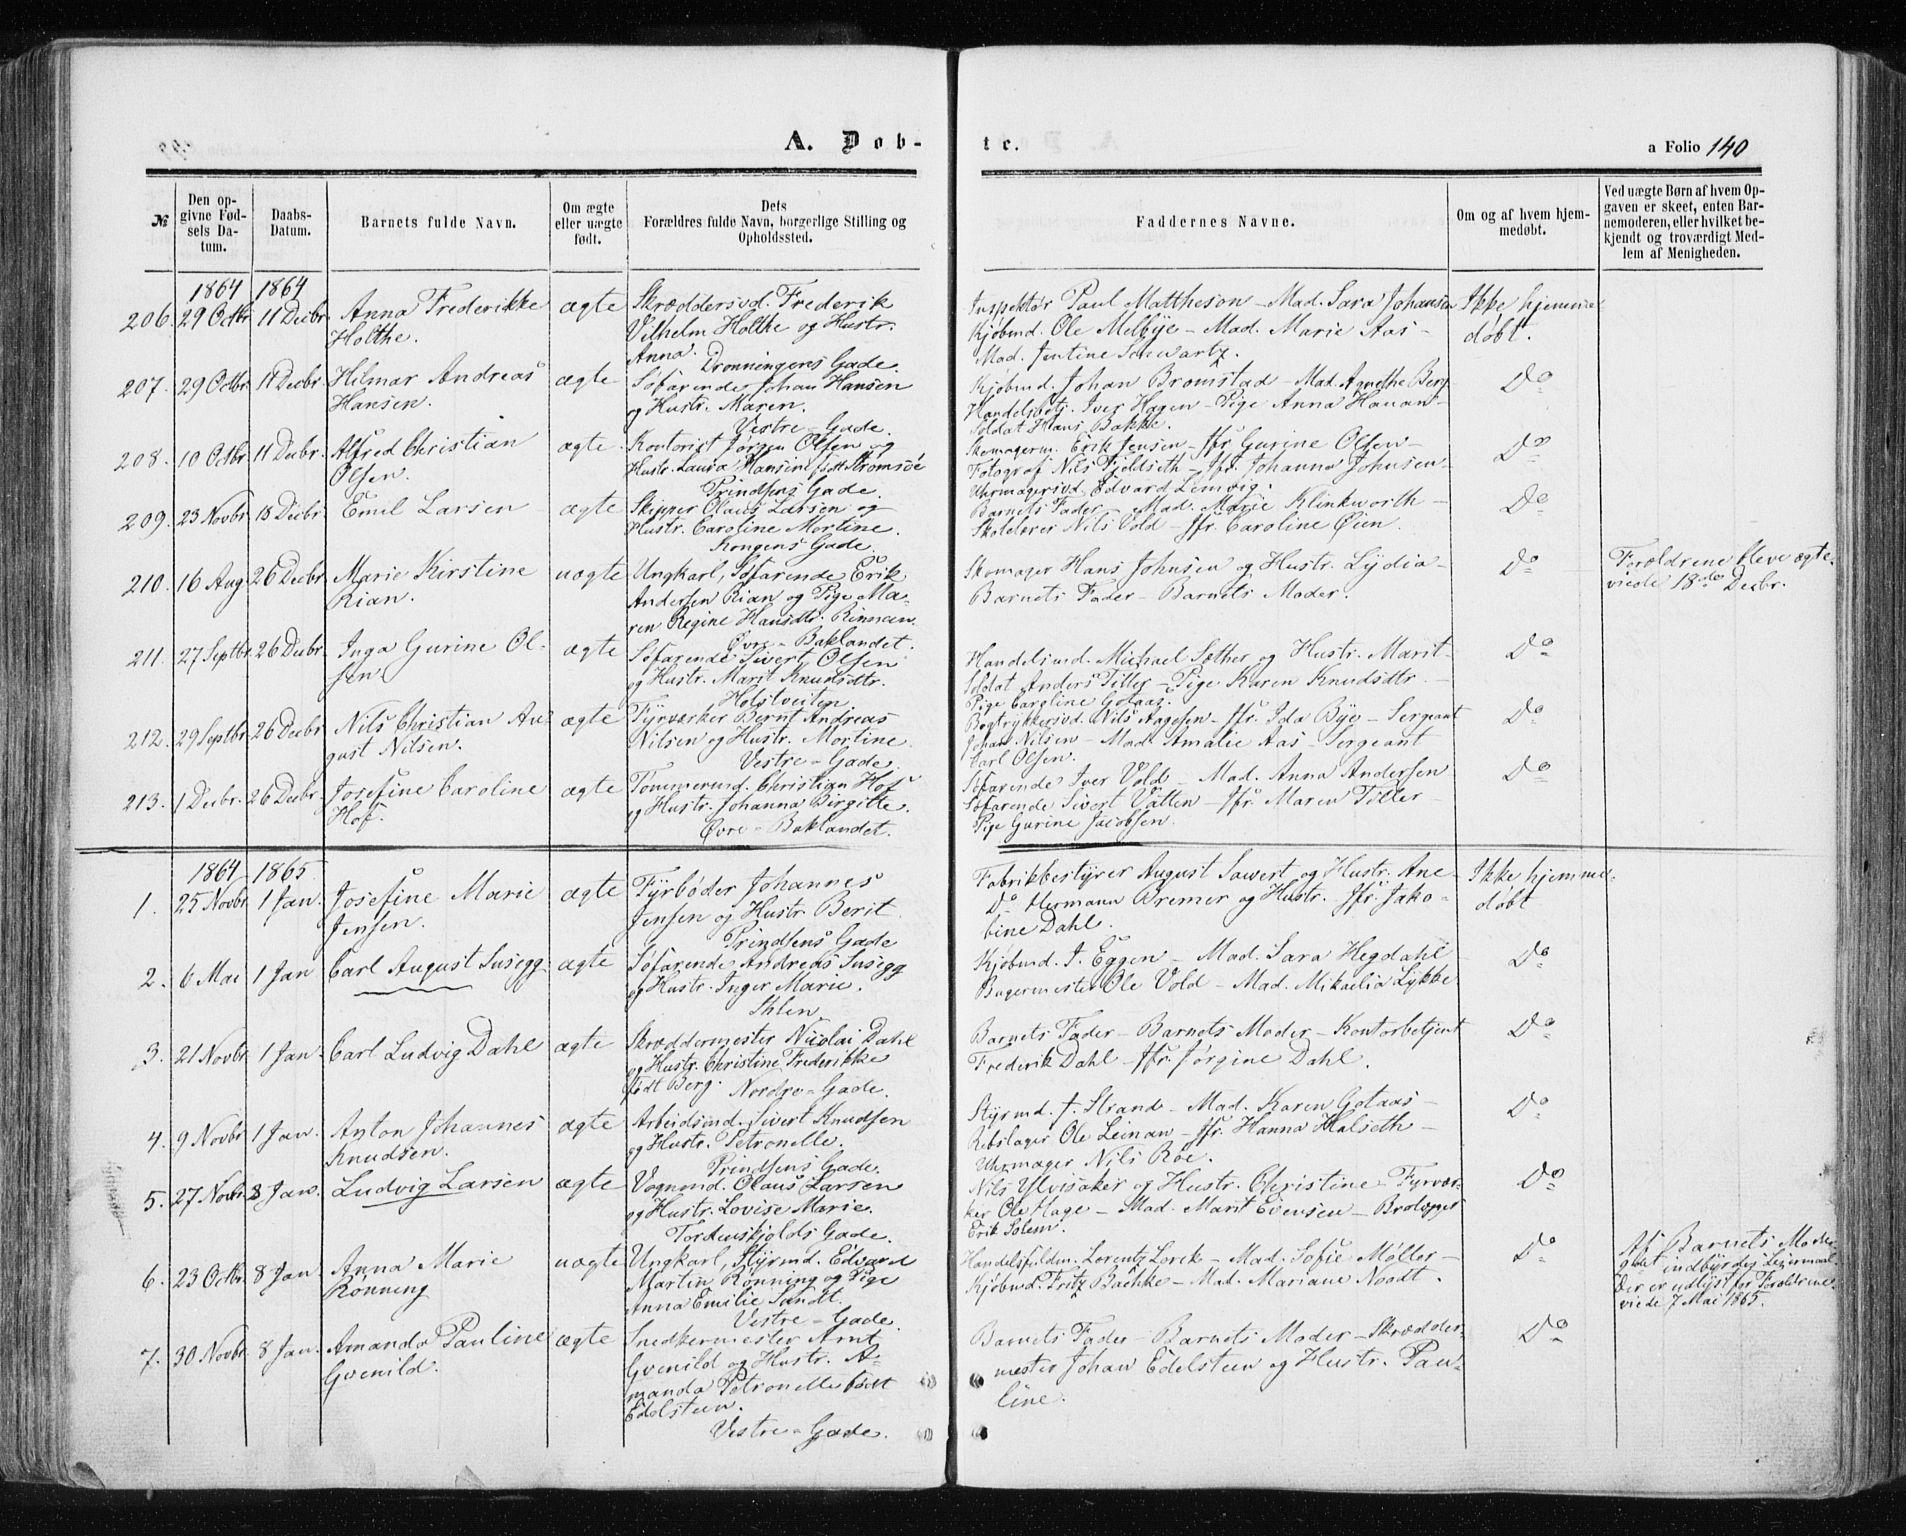 SAT, Ministerialprotokoller, klokkerbøker og fødselsregistre - Sør-Trøndelag, 601/L0053: Ministerialbok nr. 601A21, 1857-1865, s. 140